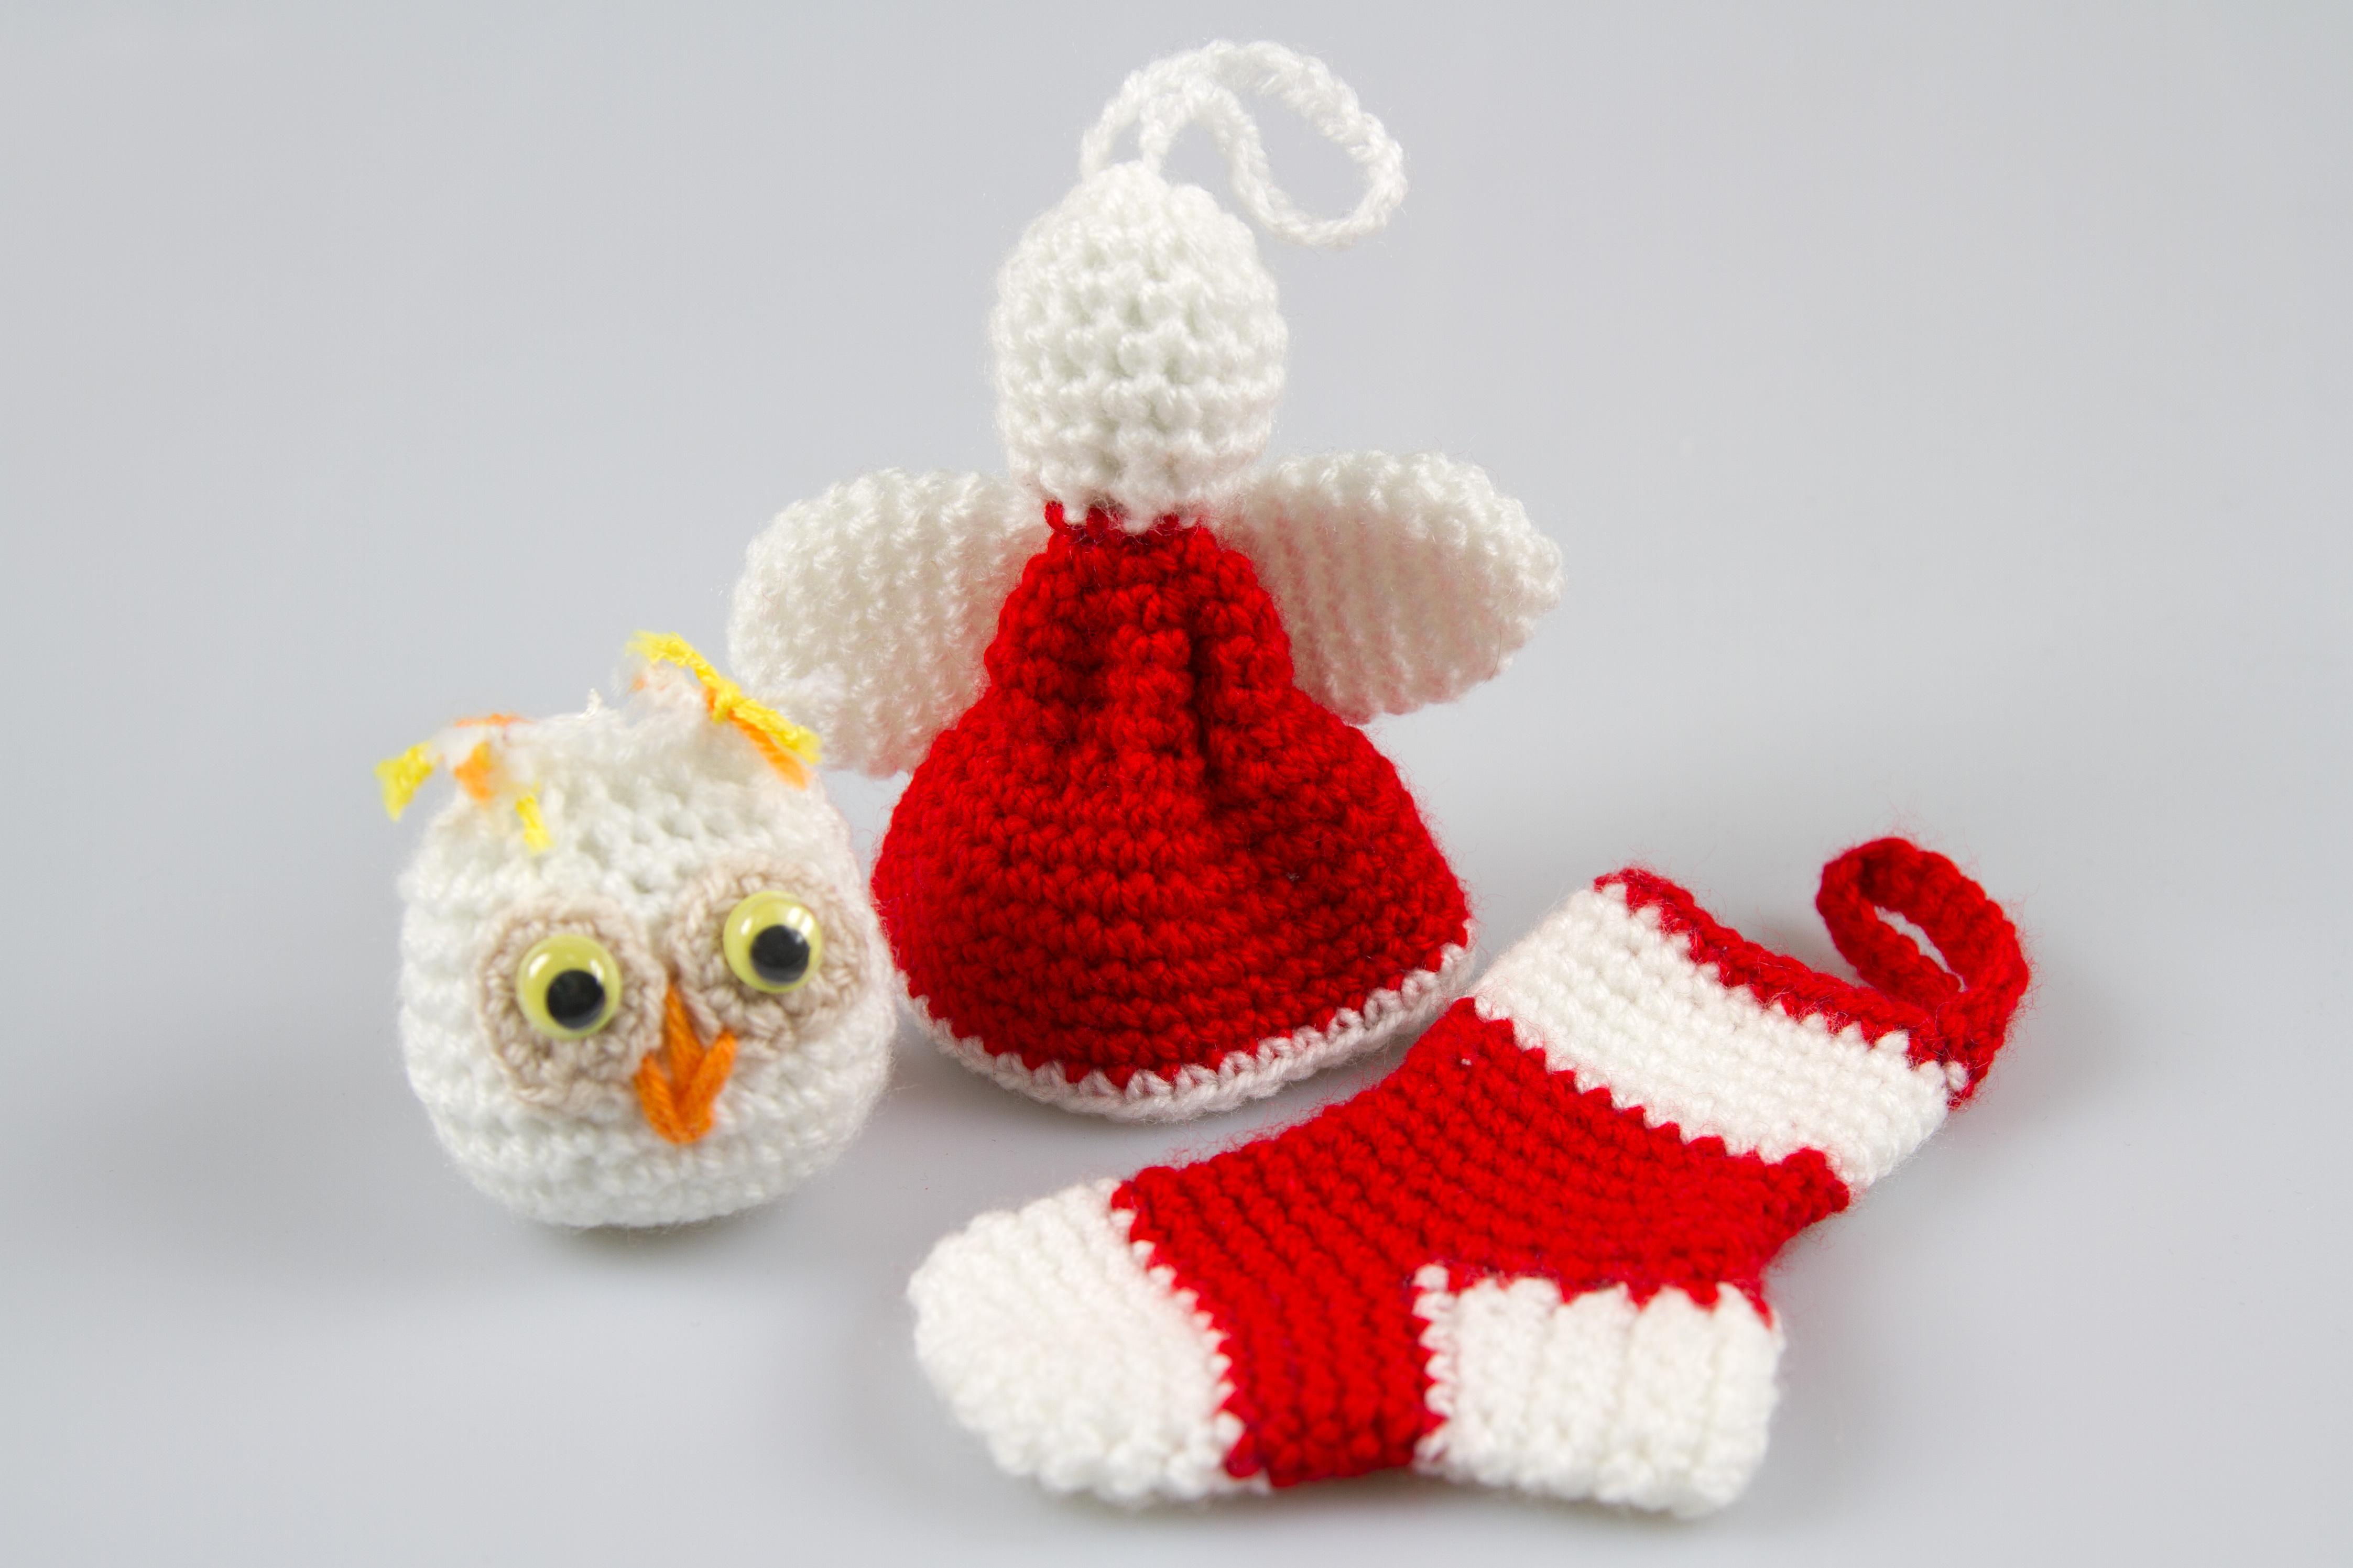 Crochet Doll Pattern - Twins Amigurumi Doll, stuffed doll pattern ... | 2993x4490